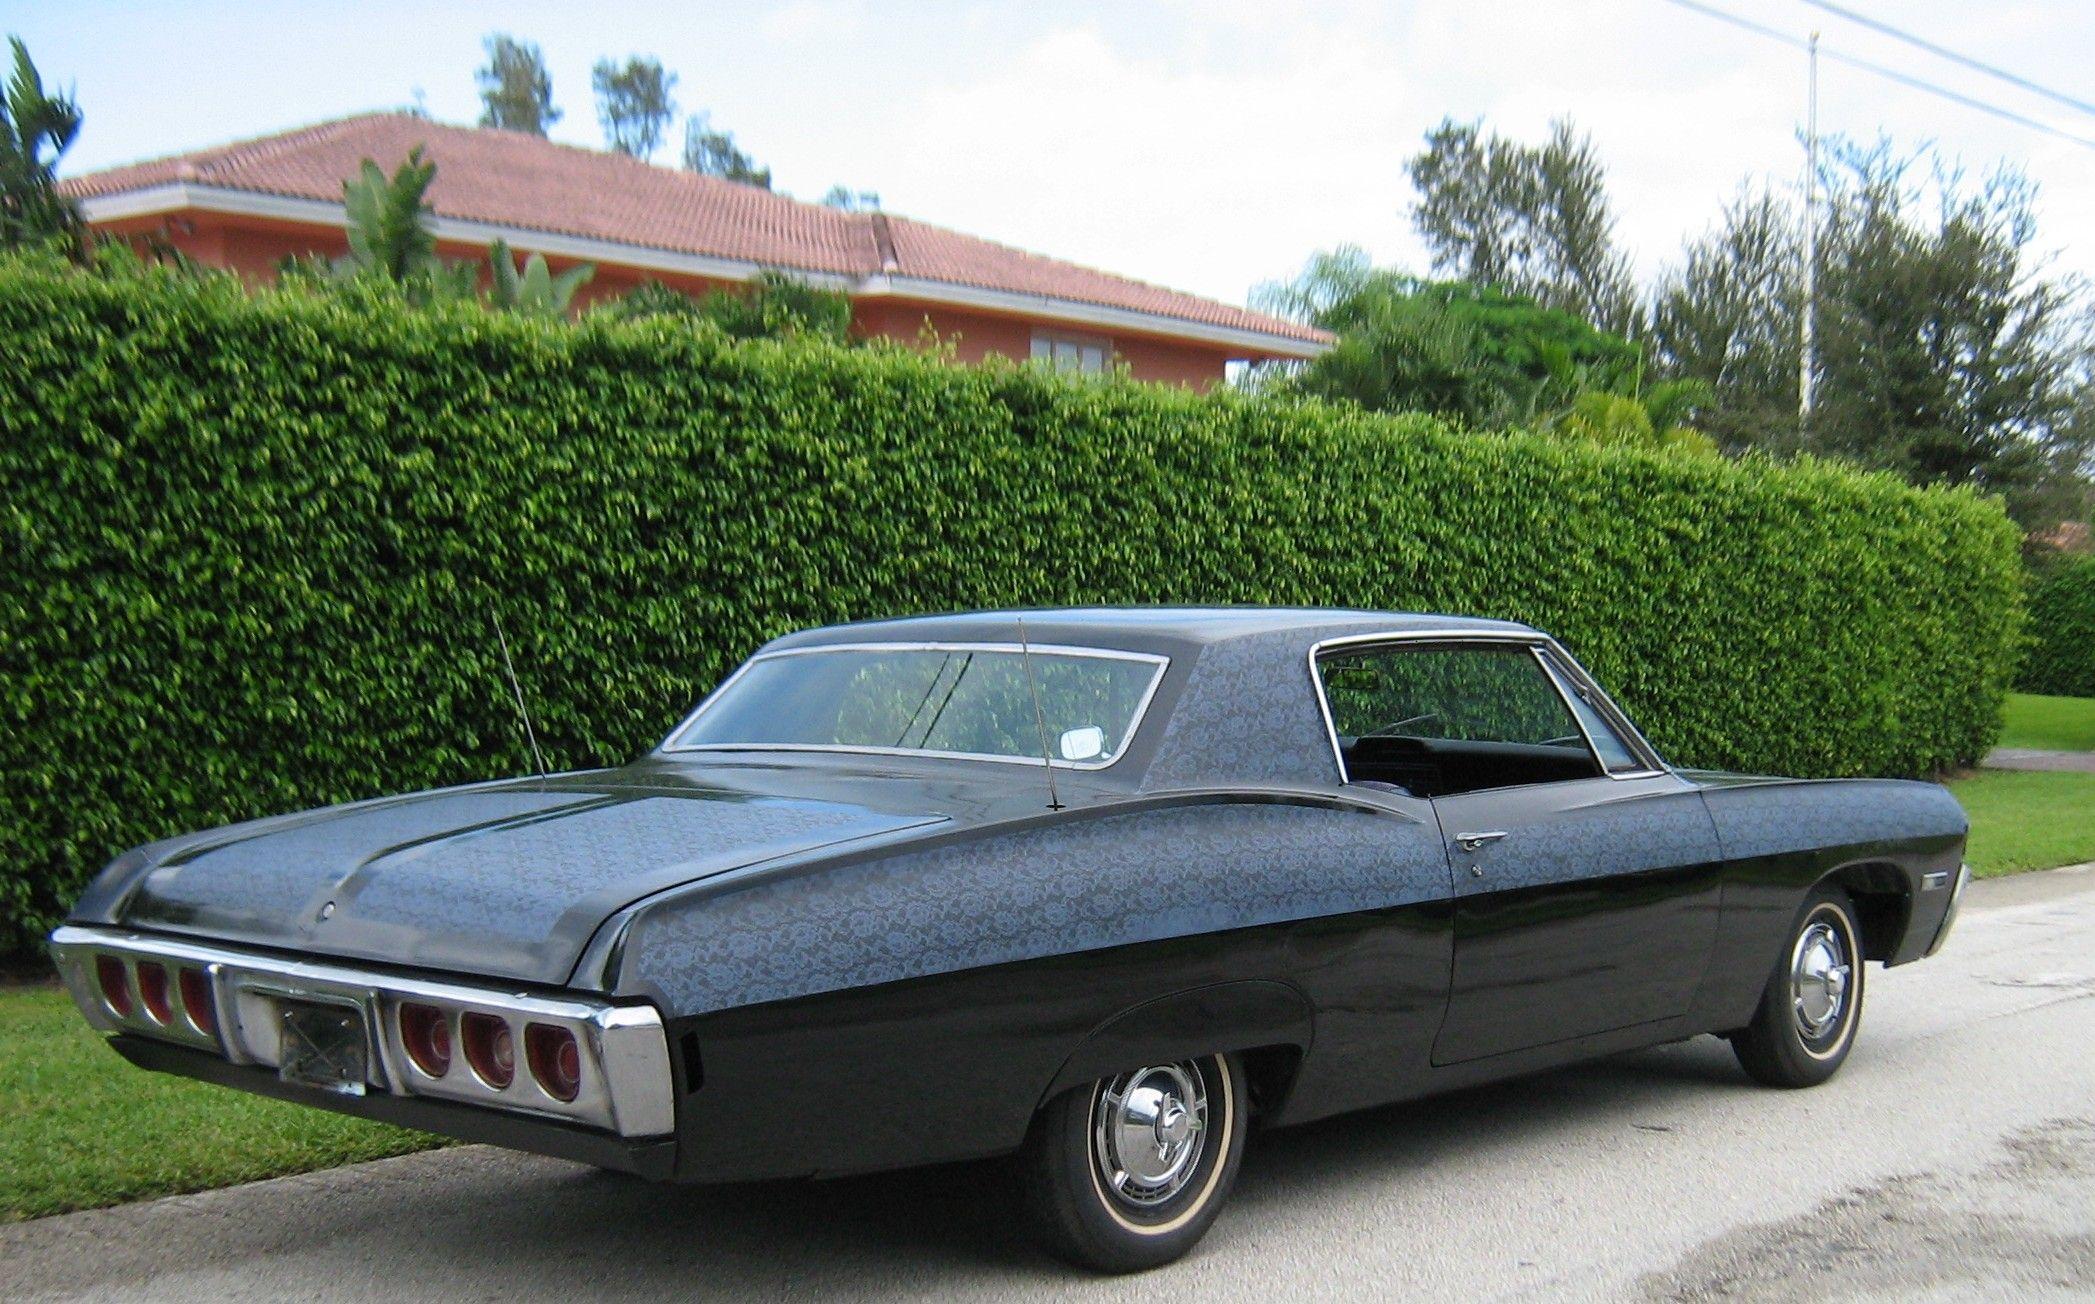 Kekurangan Impala 68 Top Model Tahun Ini